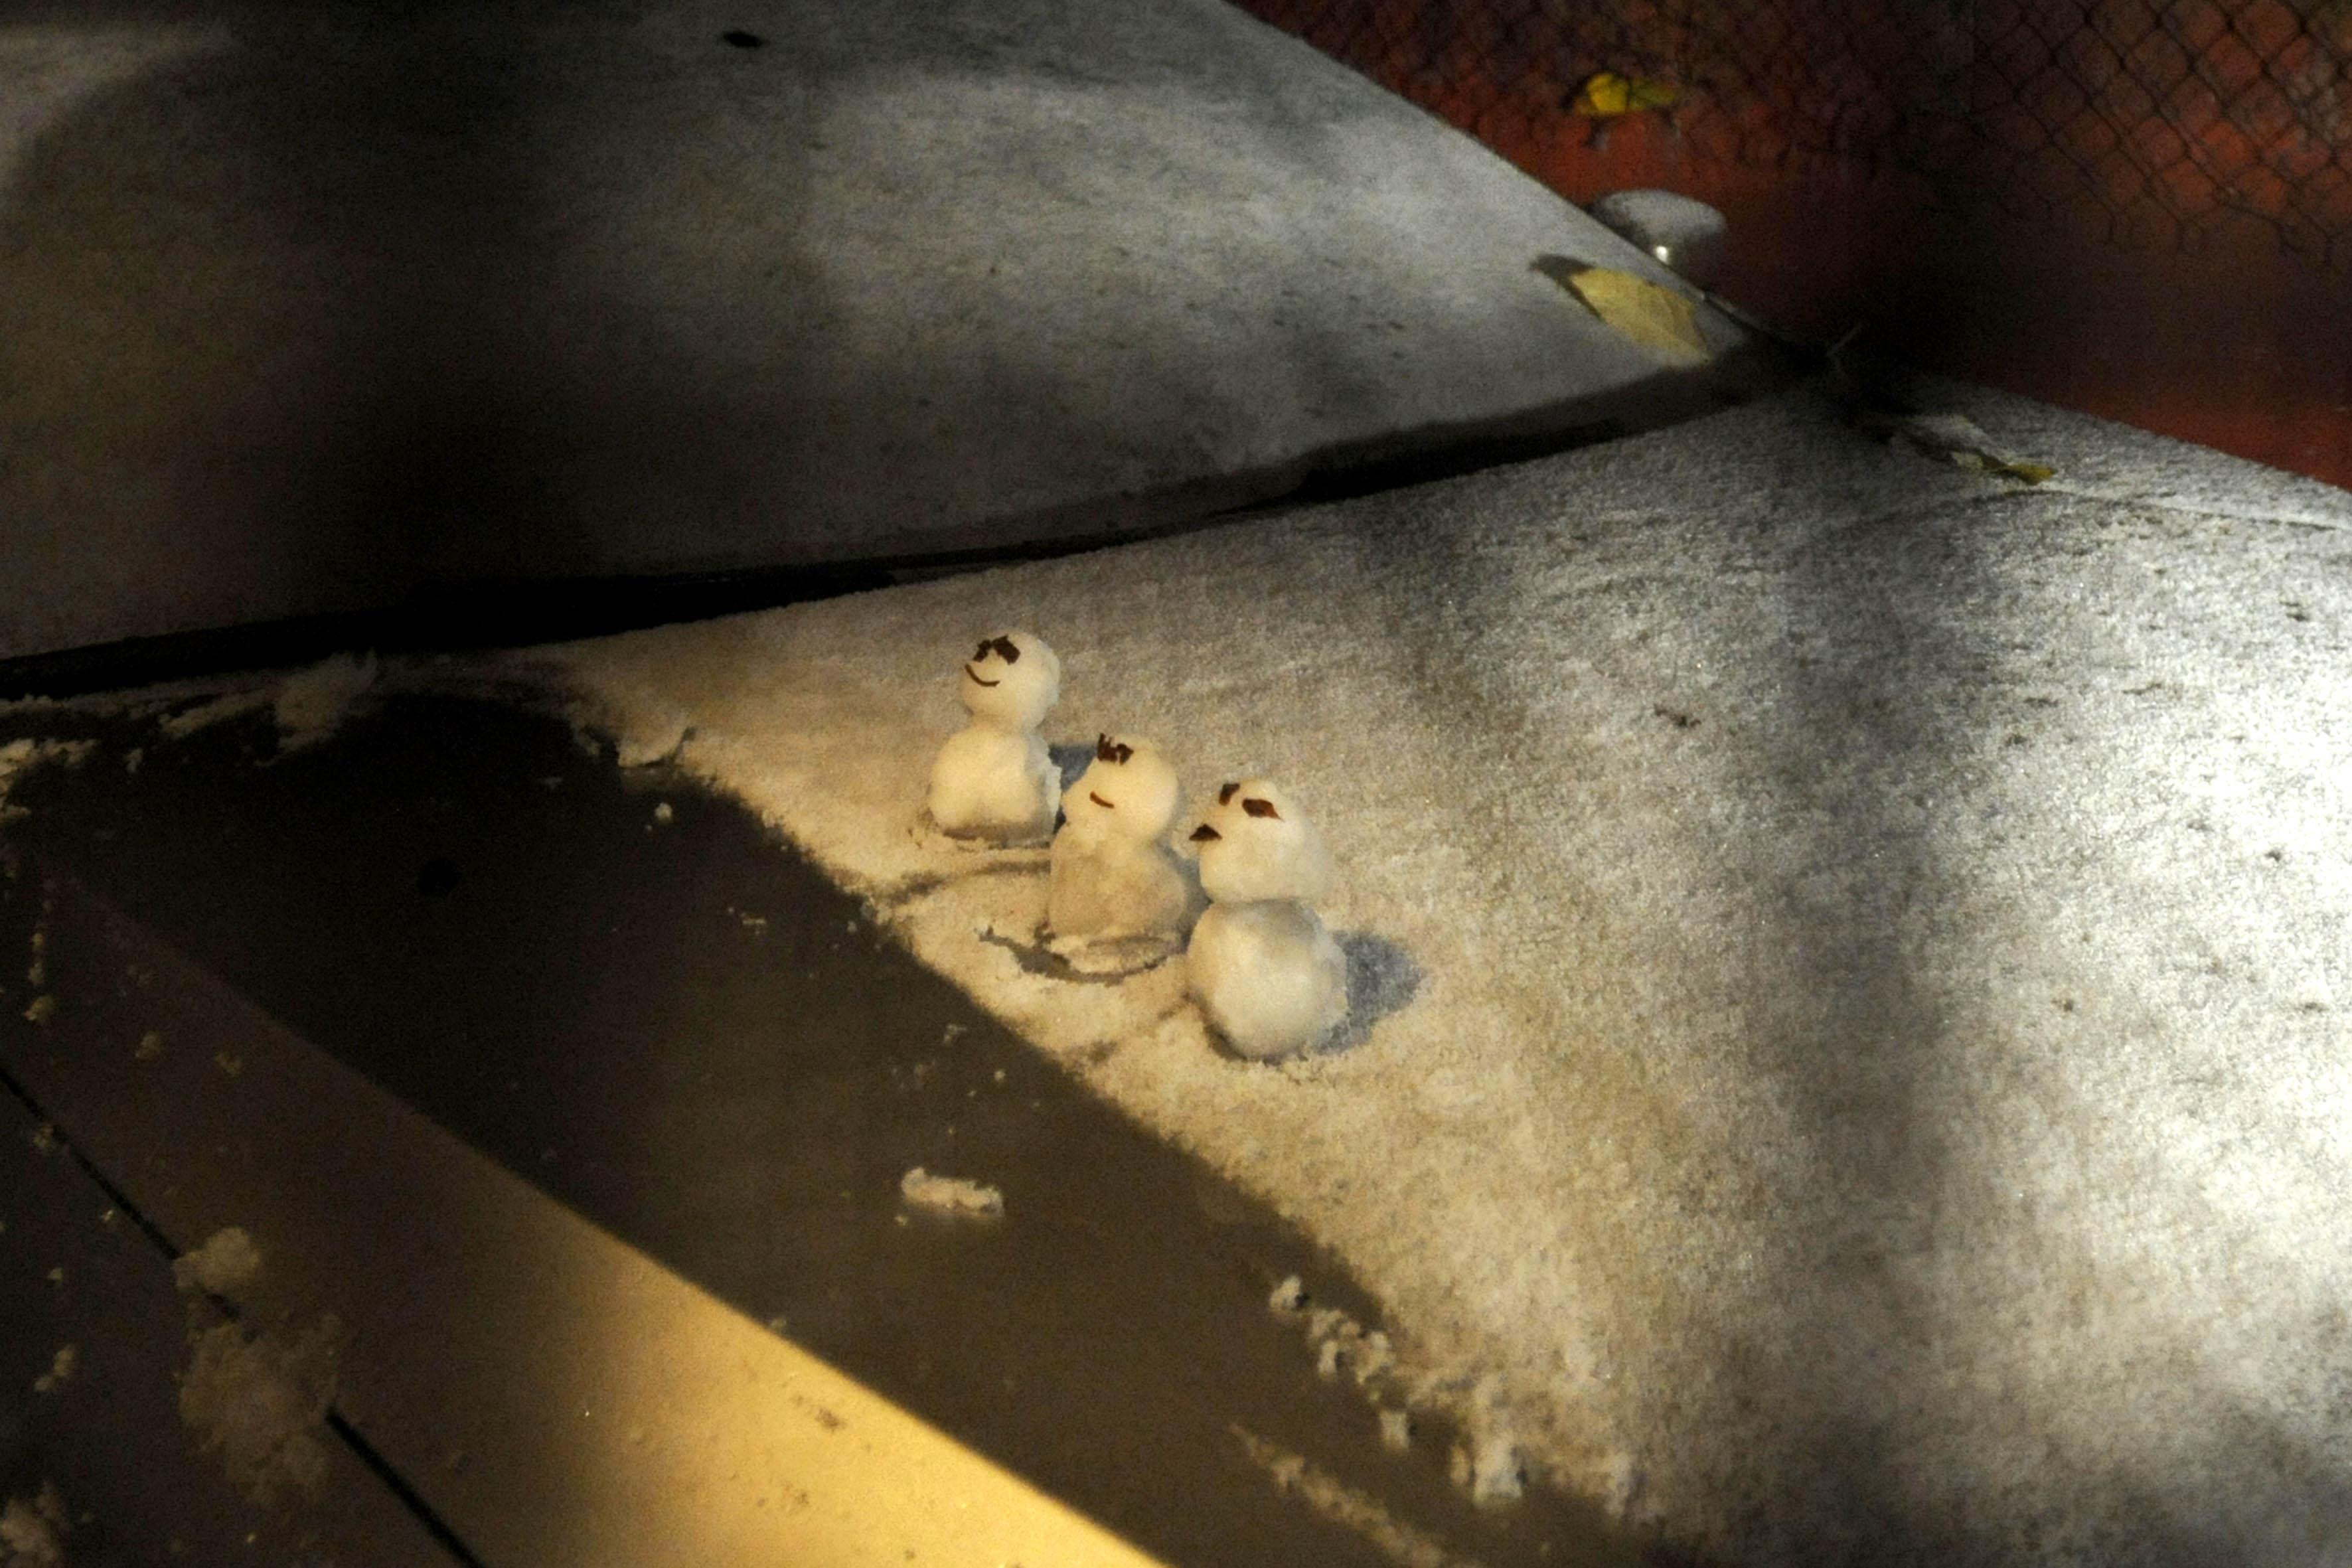 Si tú sientes frío, imagínate Cuajimalpa... Reportan caída de nieve y